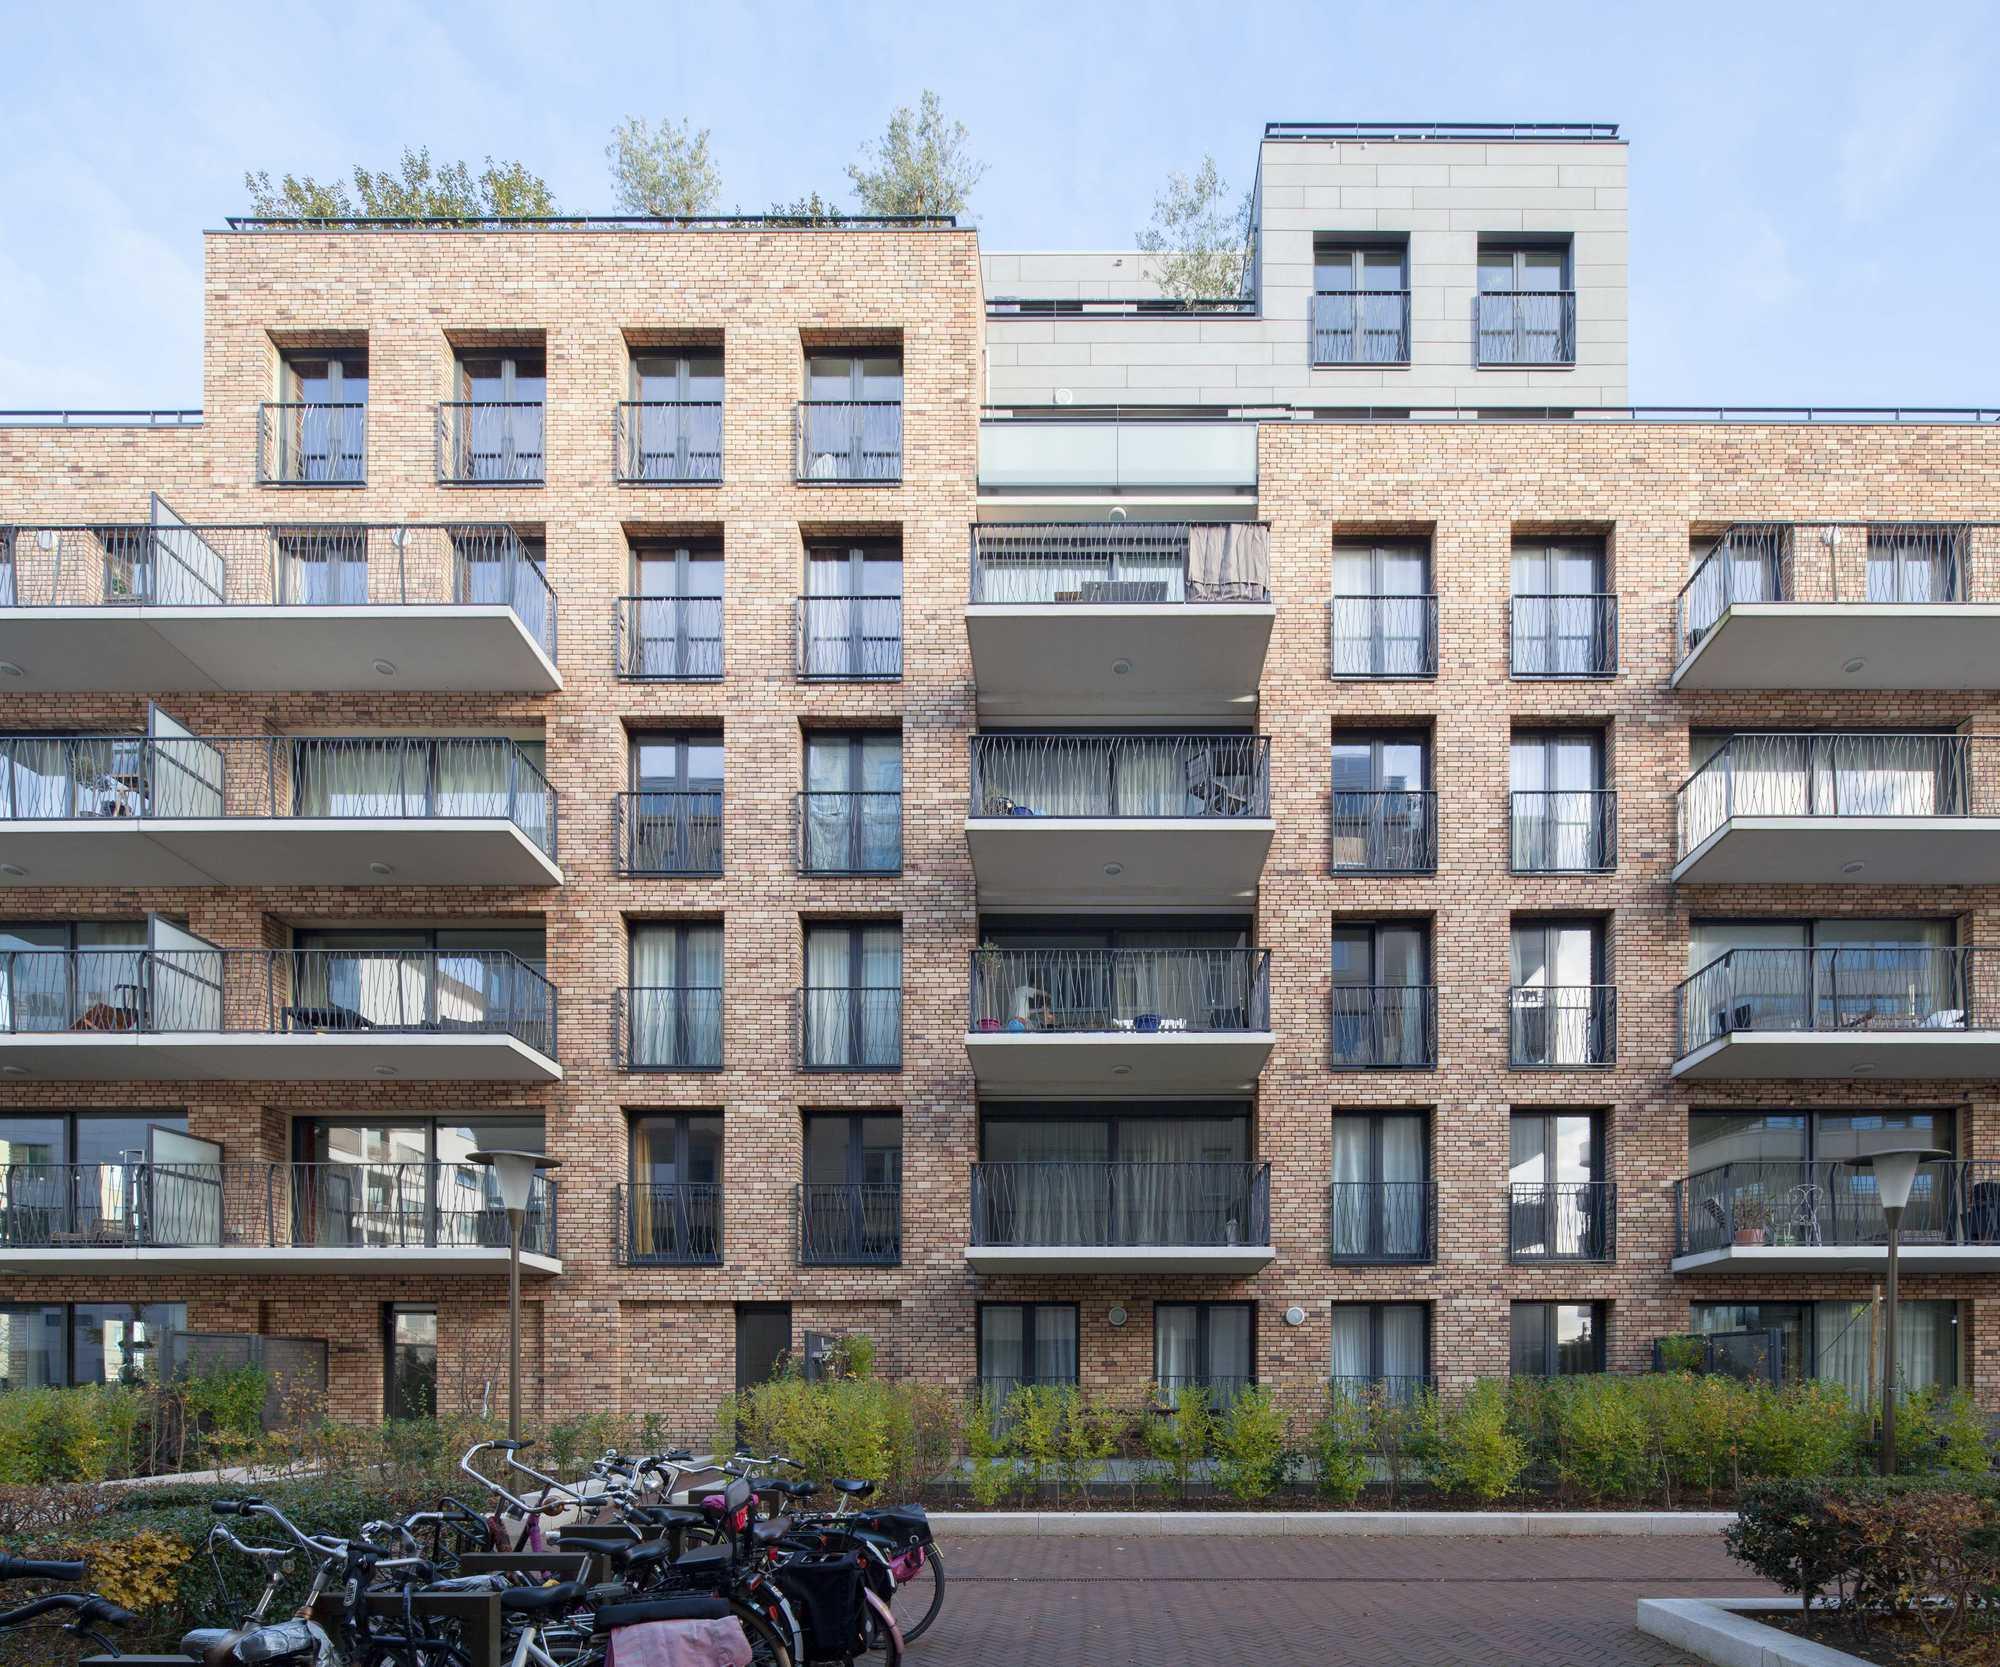 De_Halve_Maen_Apartment_Building_3